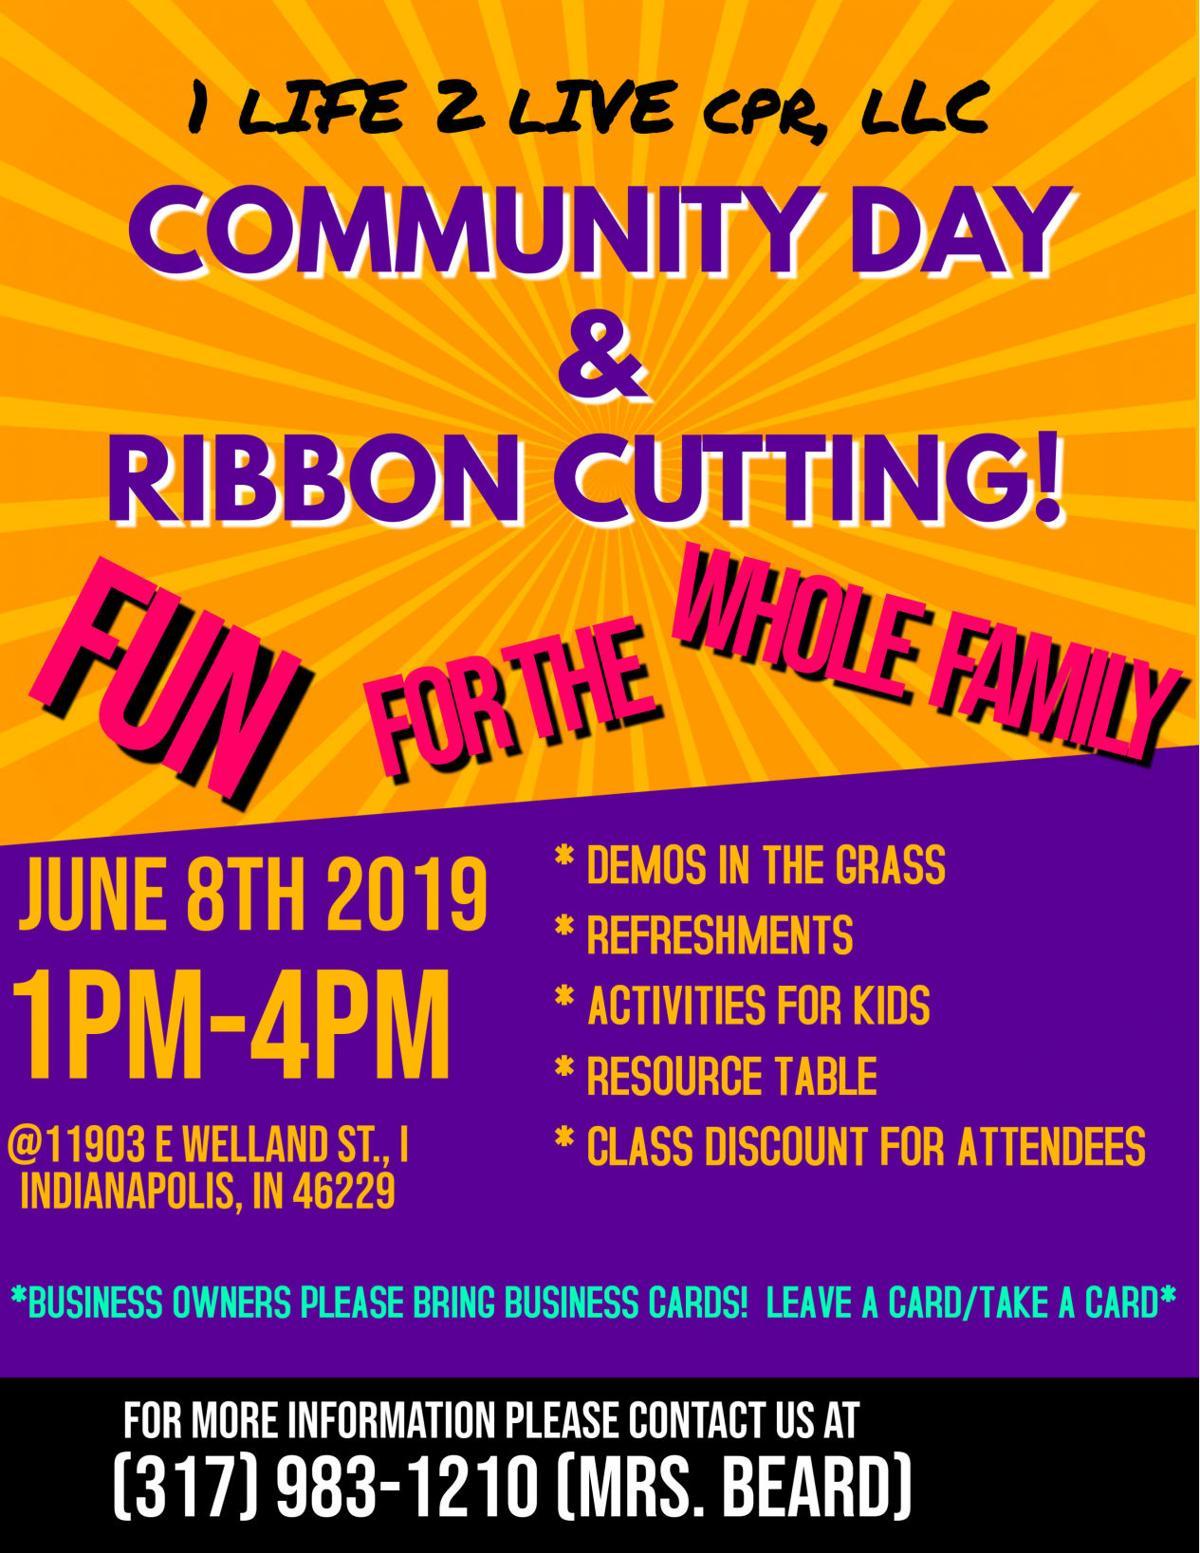 Community Day Flyer